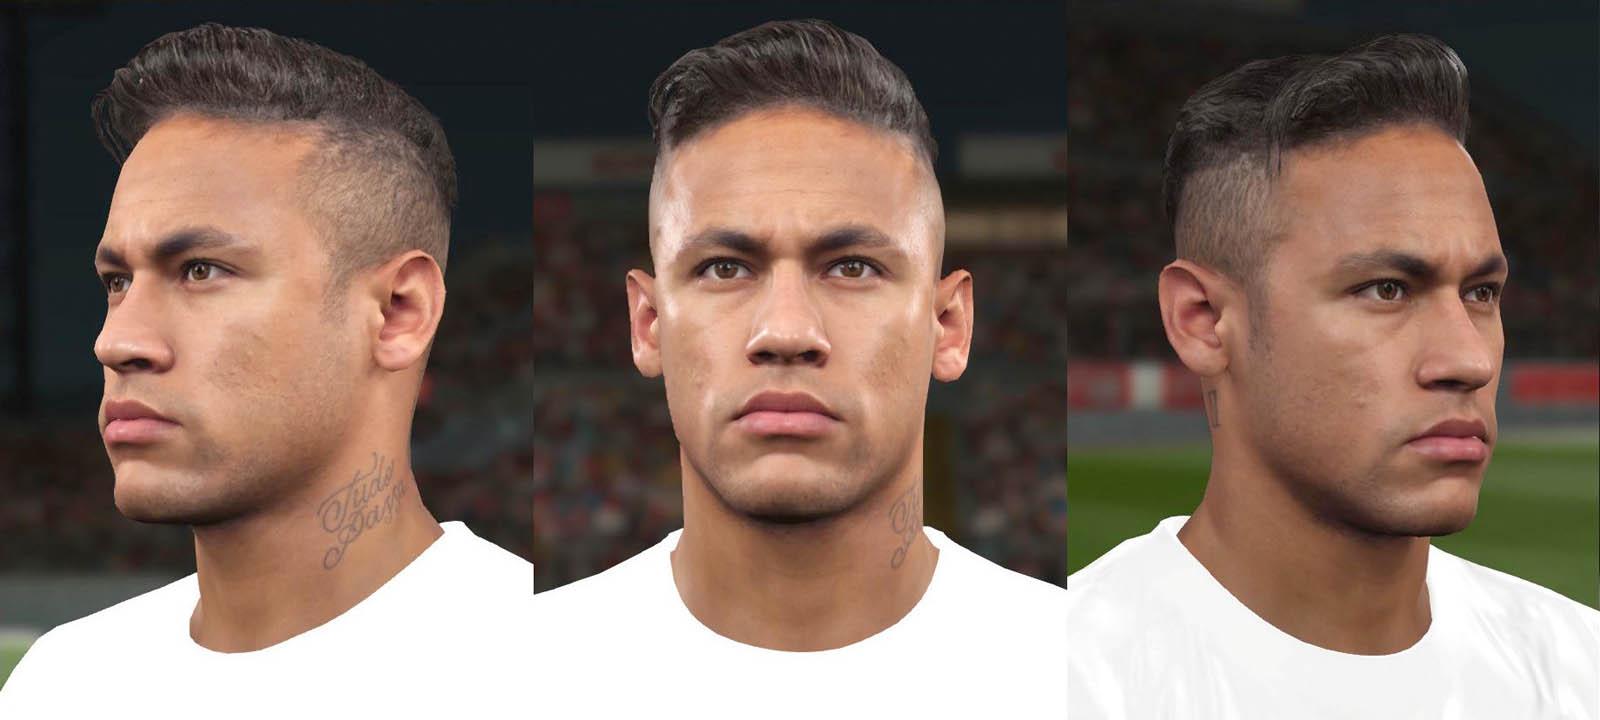 Neymar divulga imagem mostrando como seu rosto no PES 2016 Neymar-pes-2016-face